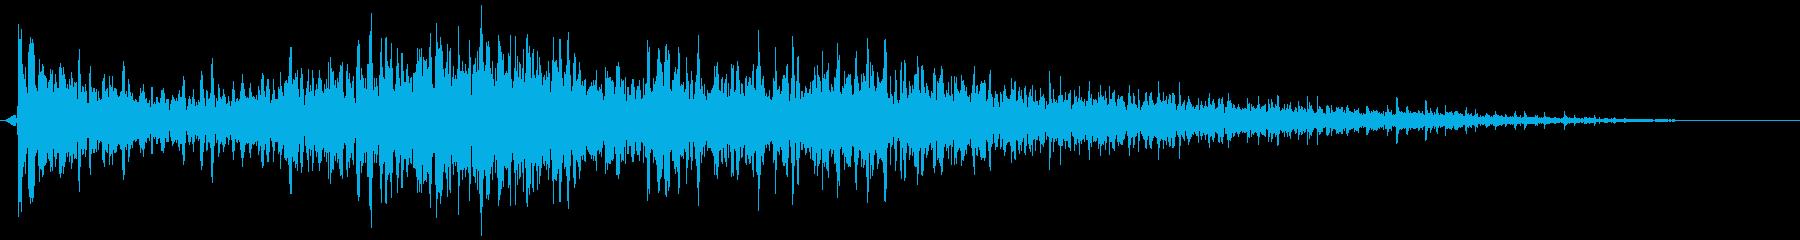 【映画演出】シーン_12 バトルの再生済みの波形